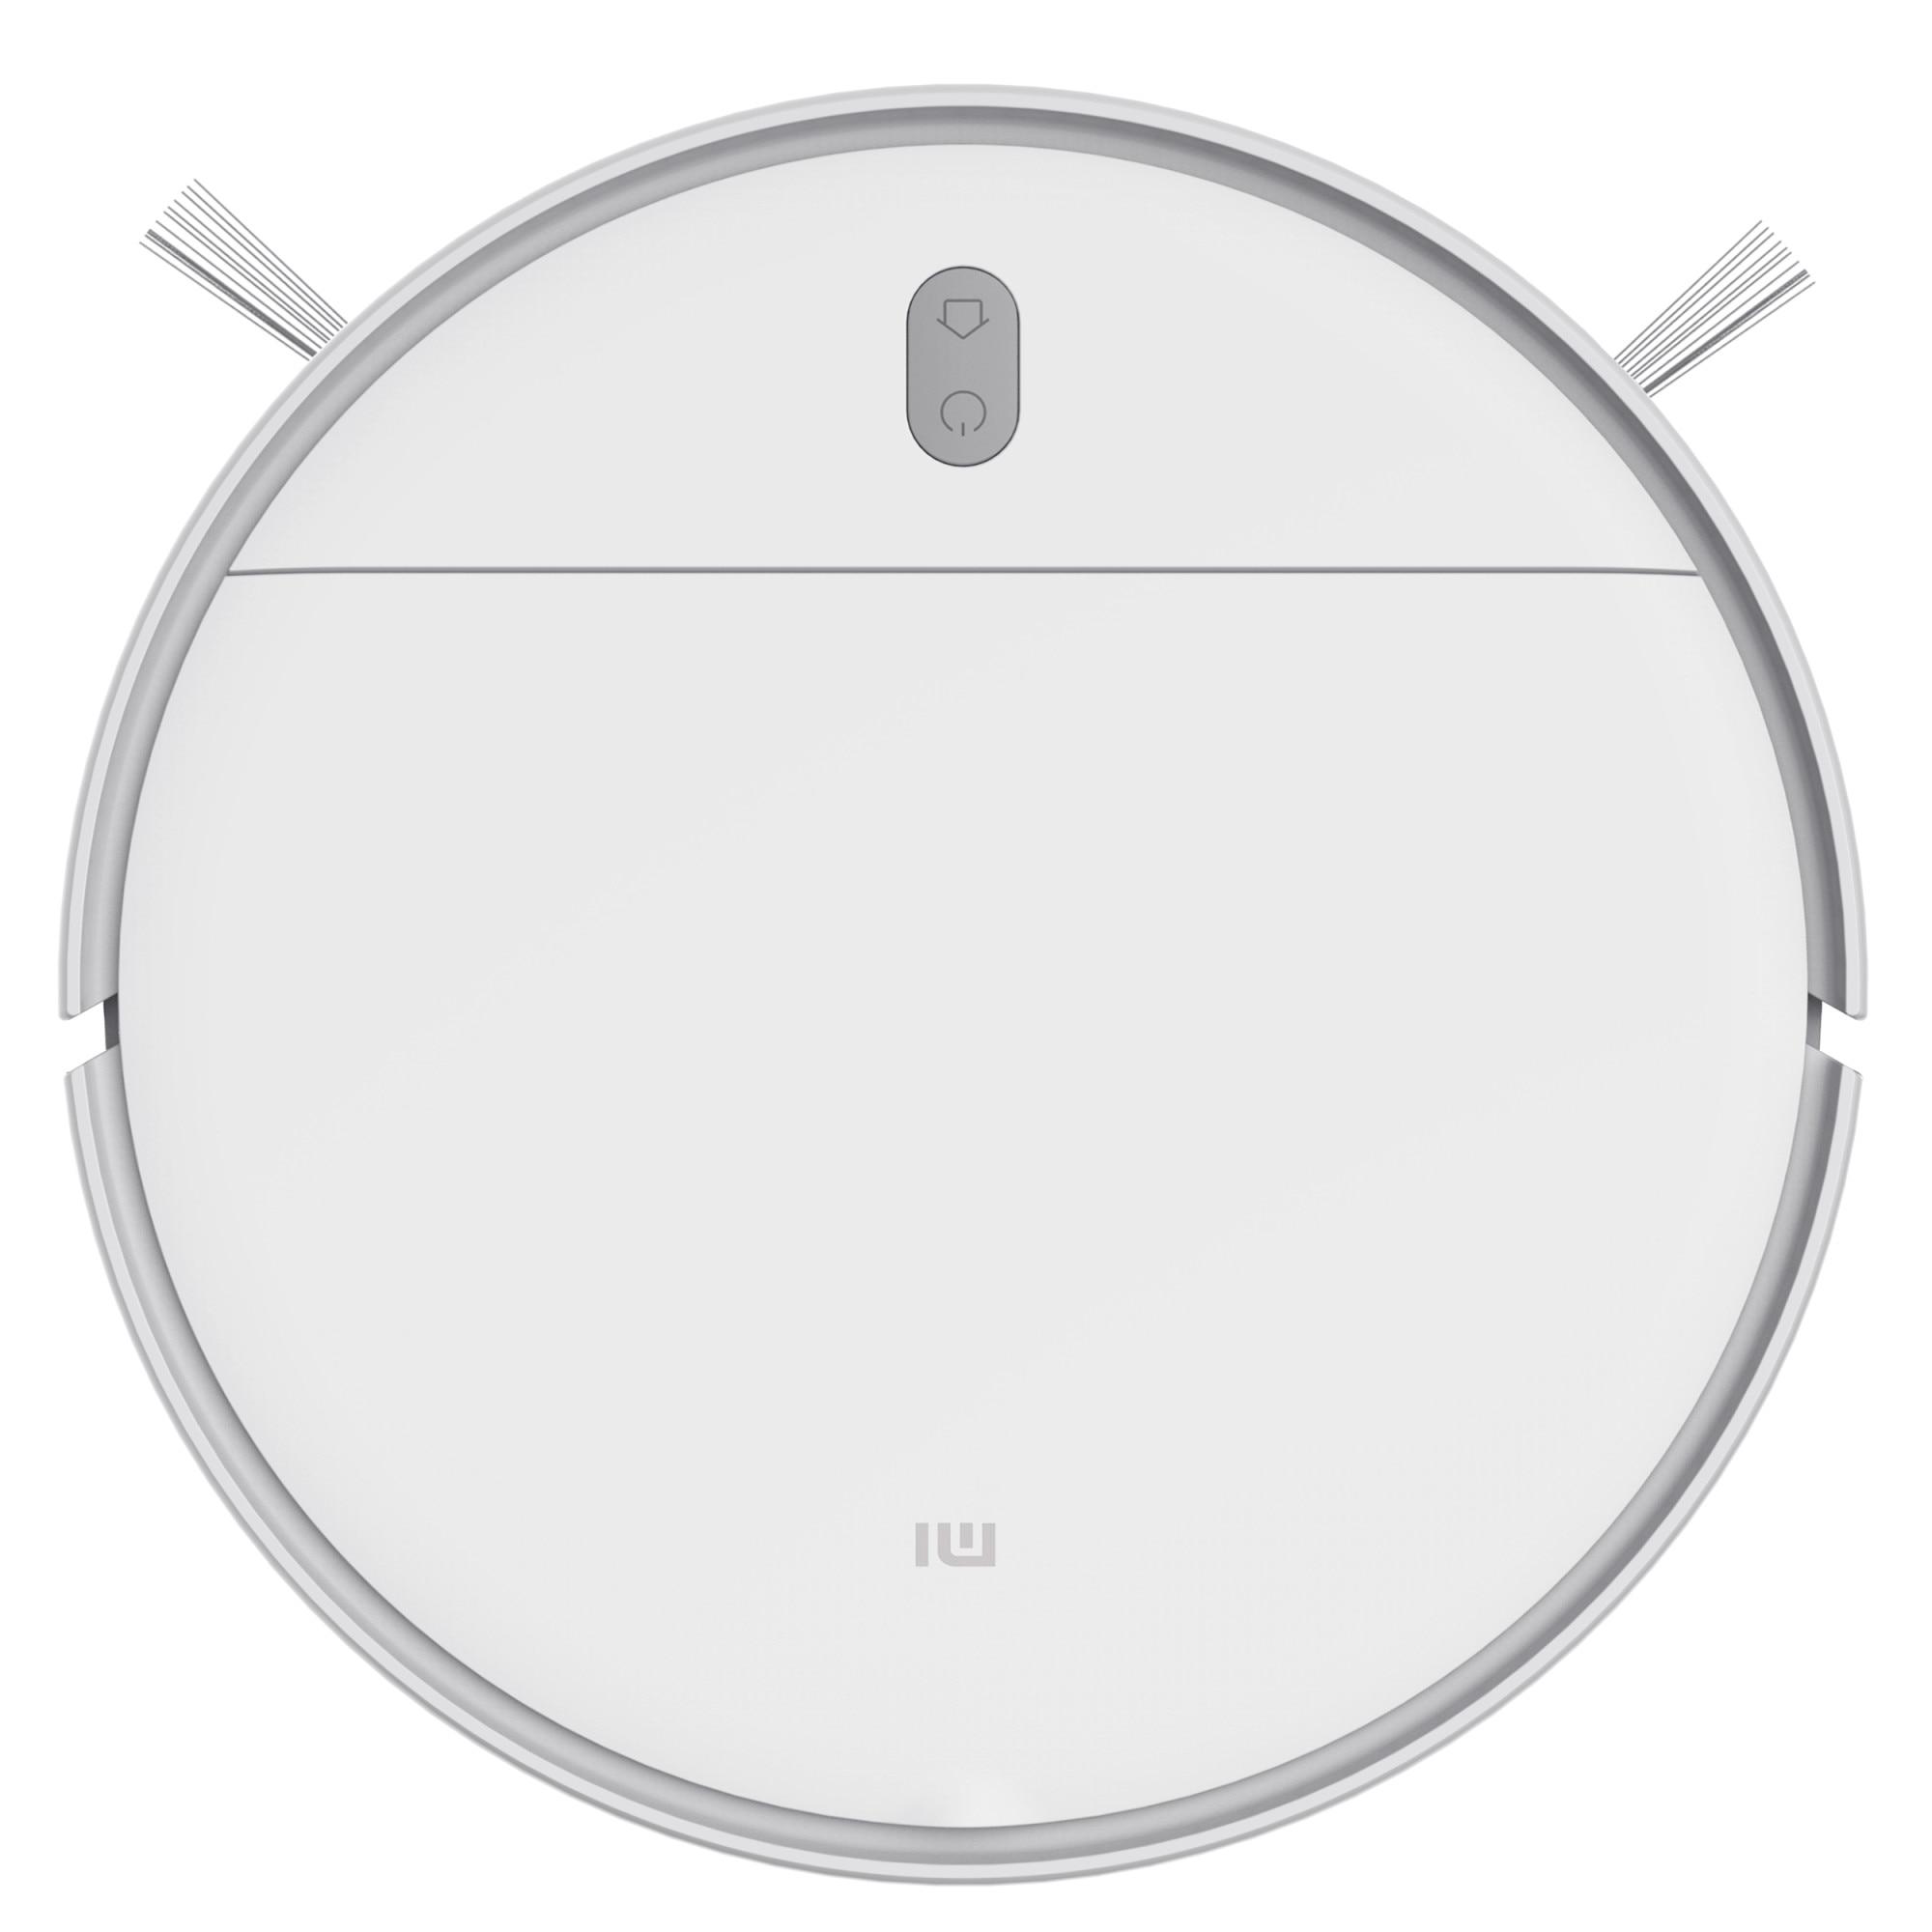 Fotografie Robot de aspirare Xiaomi Mi Robot Vacuum Mop Essential, 2500 mAh, 25 W, Clasa A+++ Alb